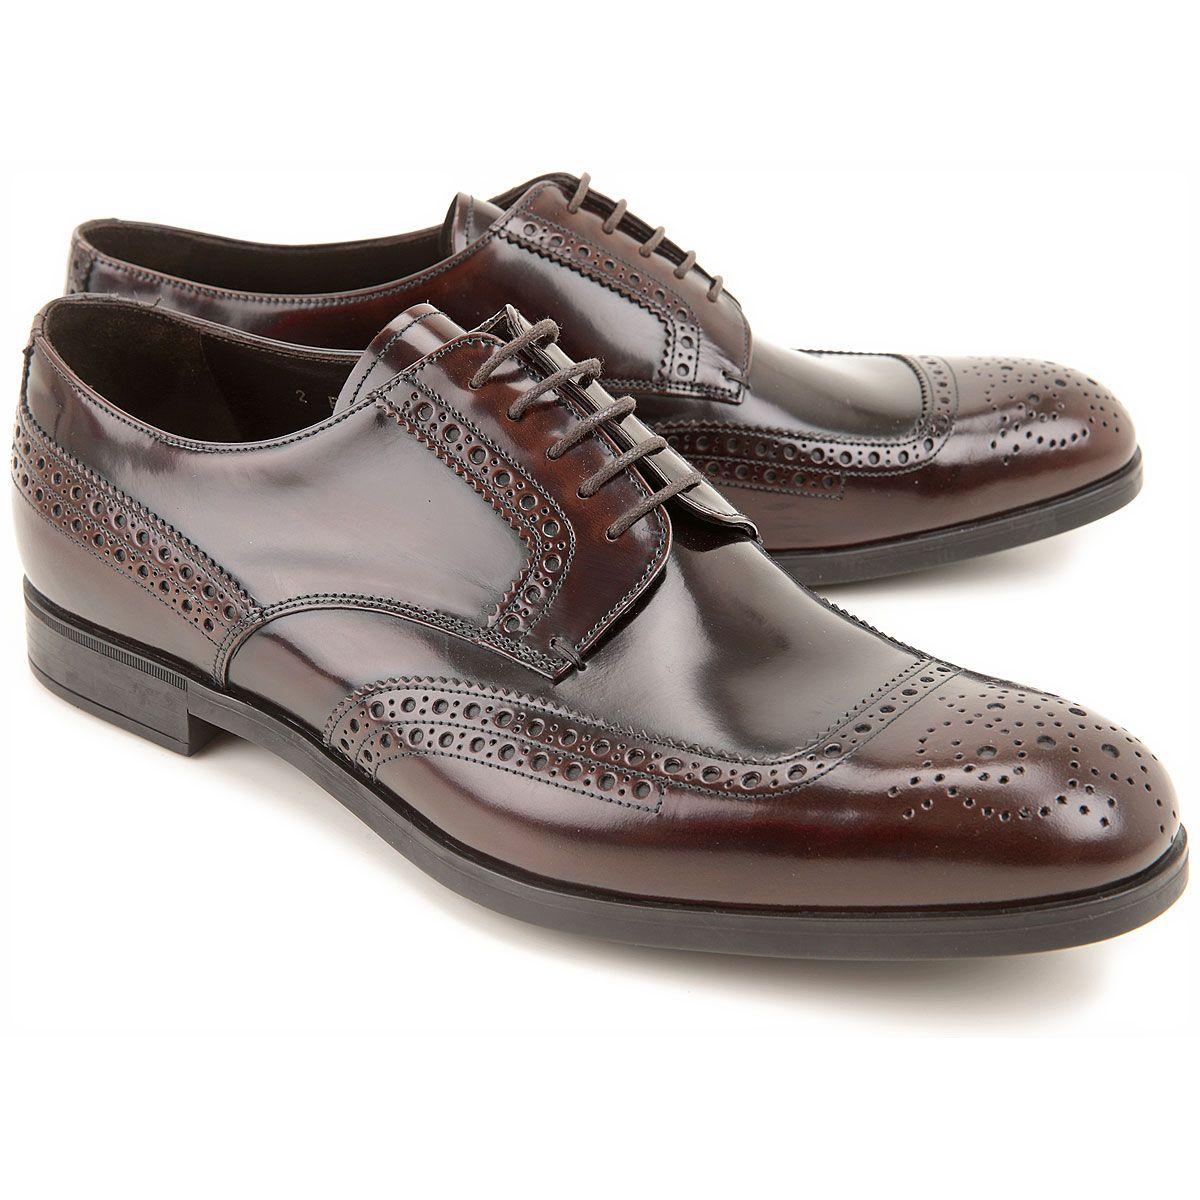 Mens Shoes Prada, Style code 2ef020p39f0038 Dress